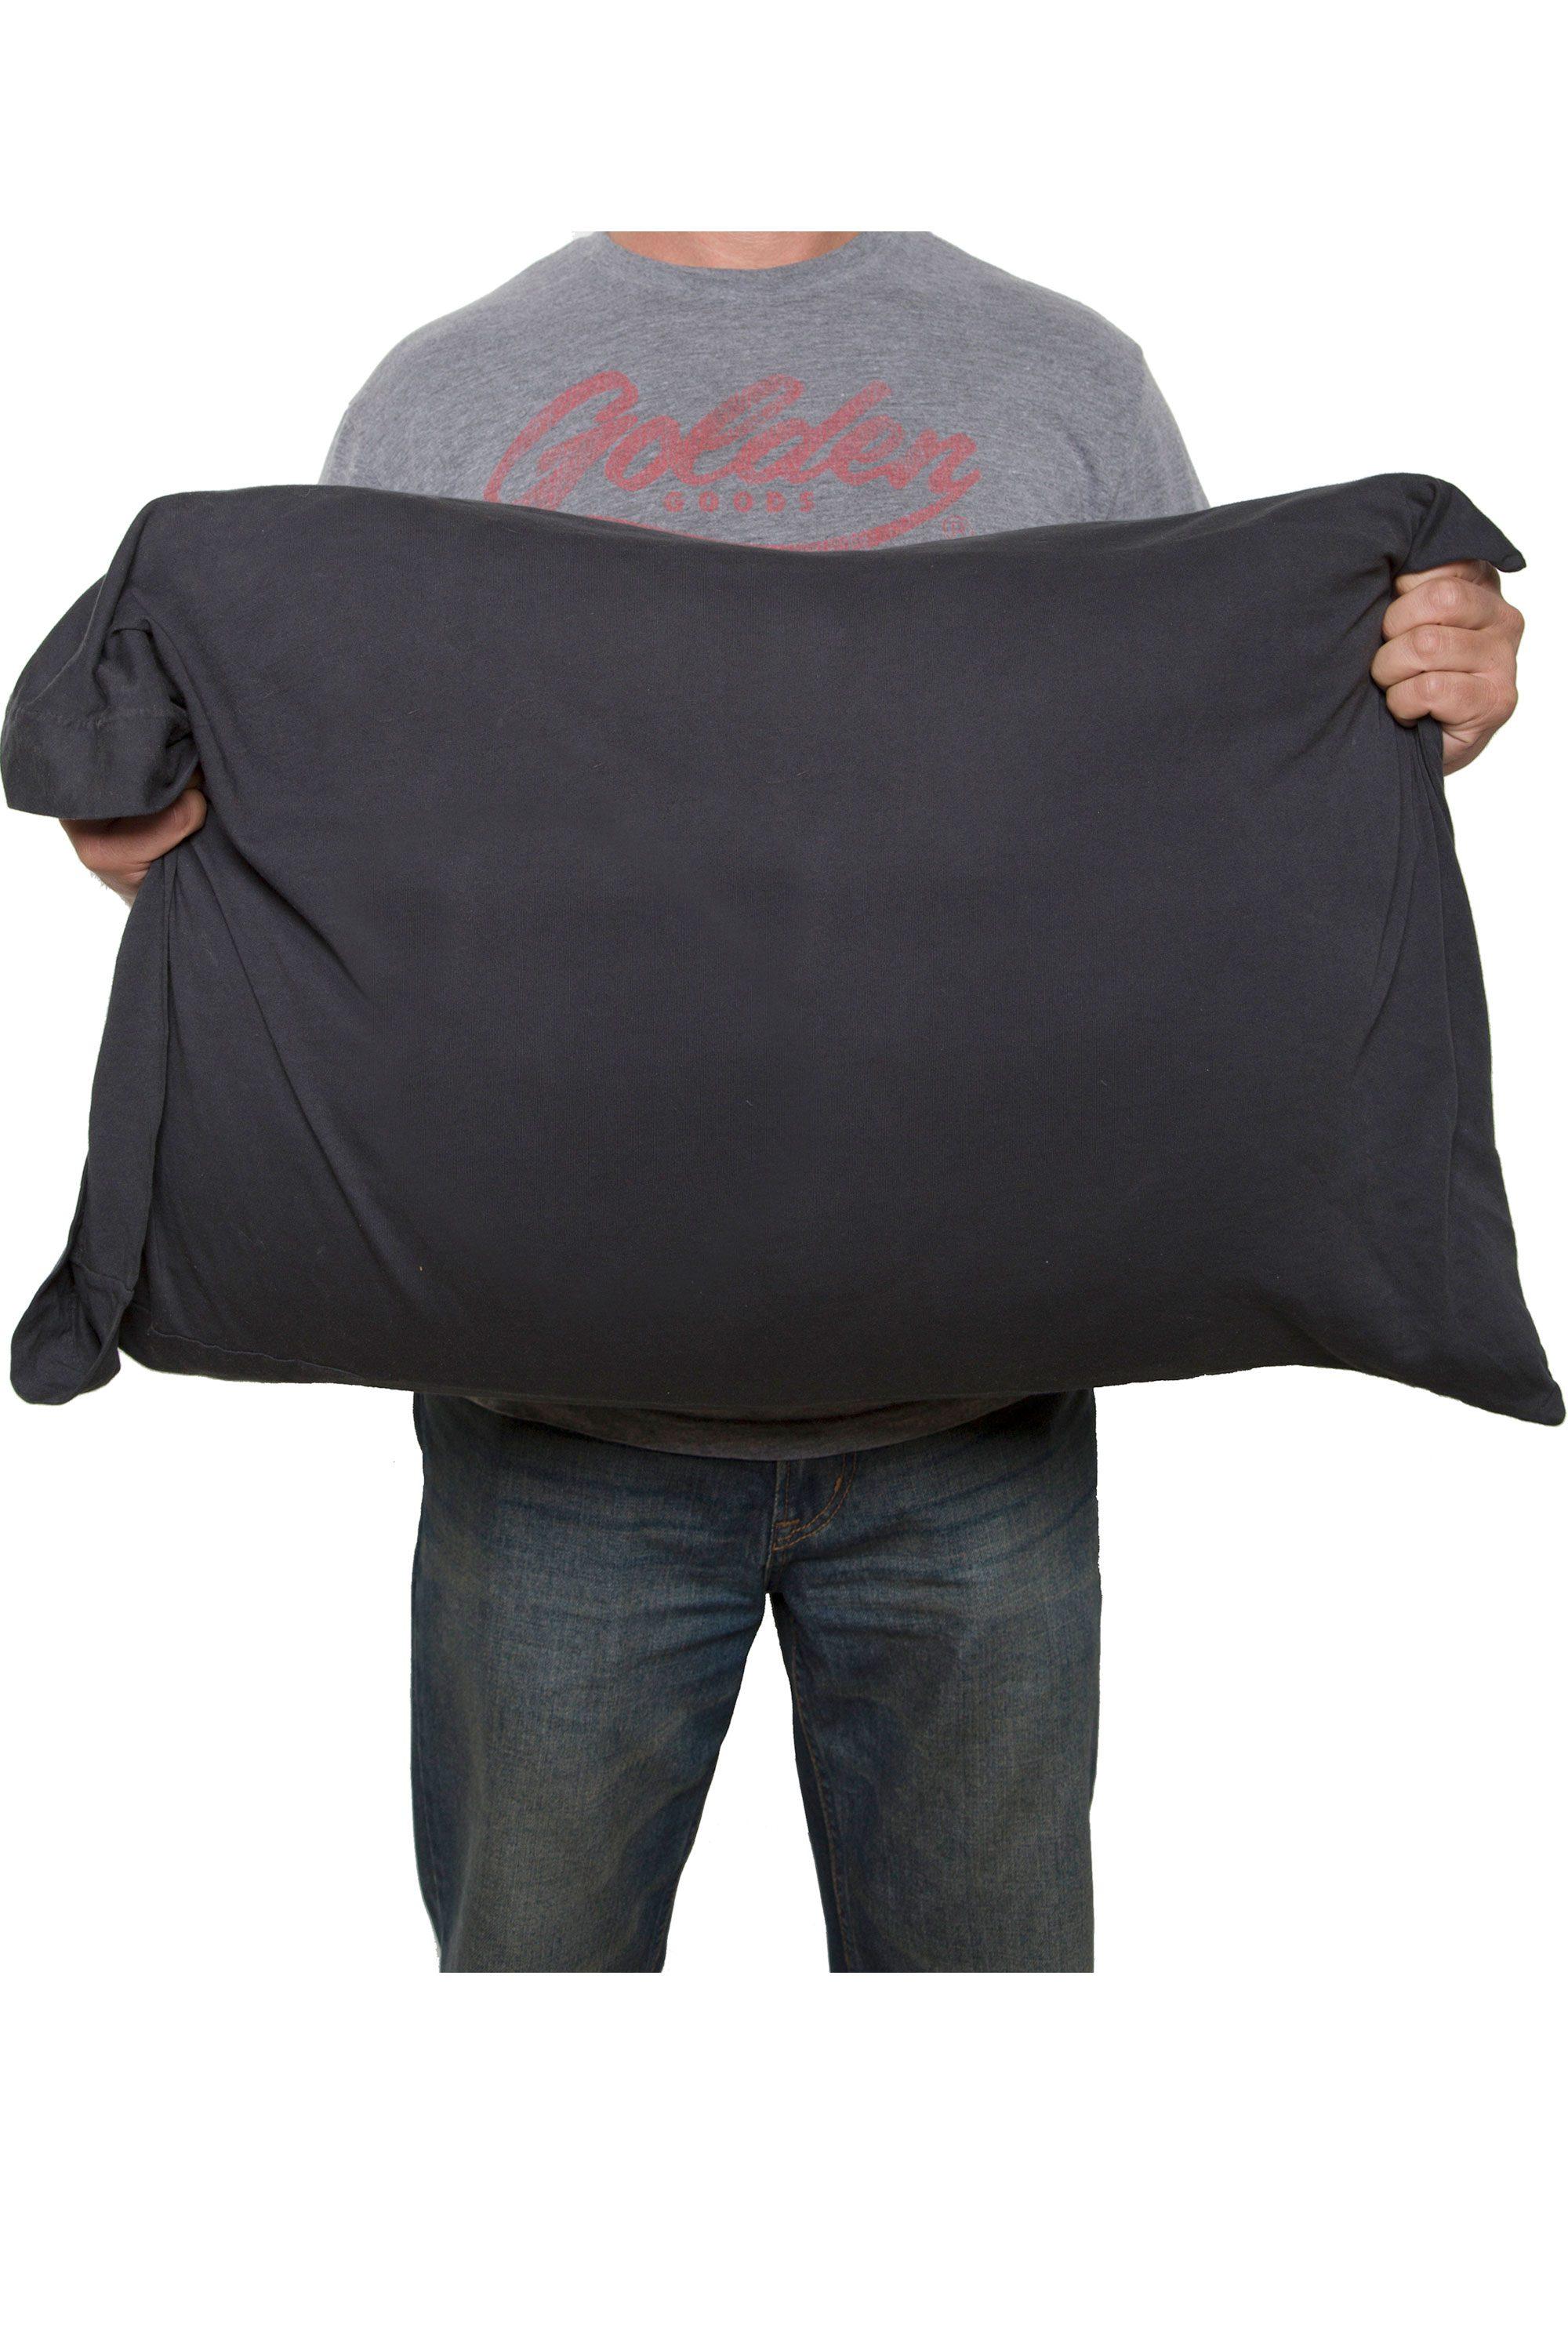 Jersey Cotton Pillowcase Back View